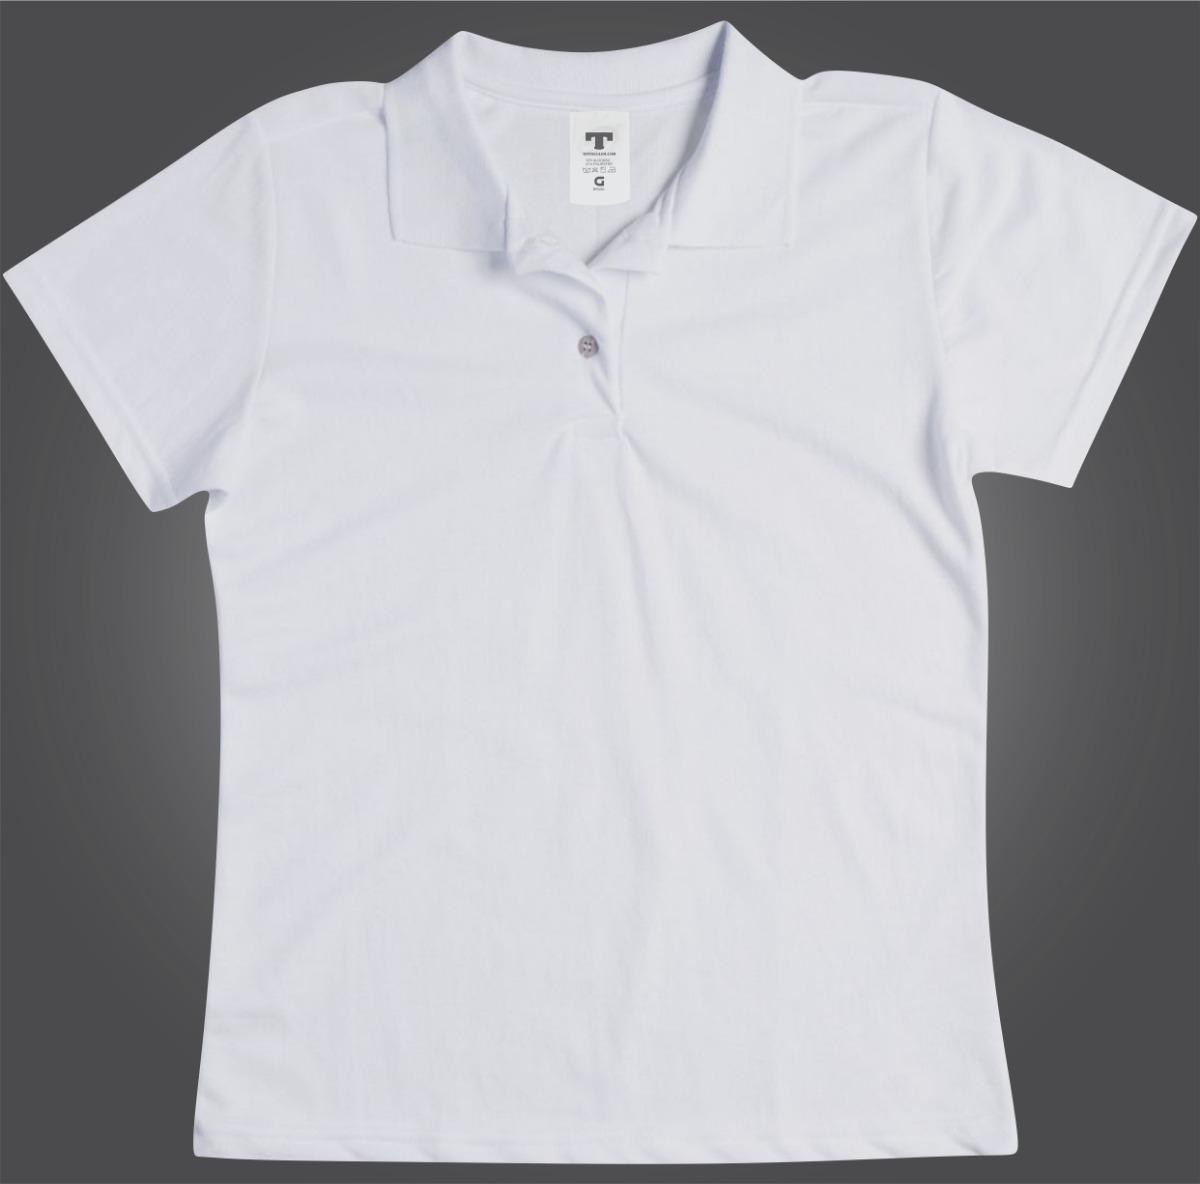 Blusa Polo Camisa Polo Camiseta Polo Branca Lisa Feminino - R  44 8d7c6b49a6eac